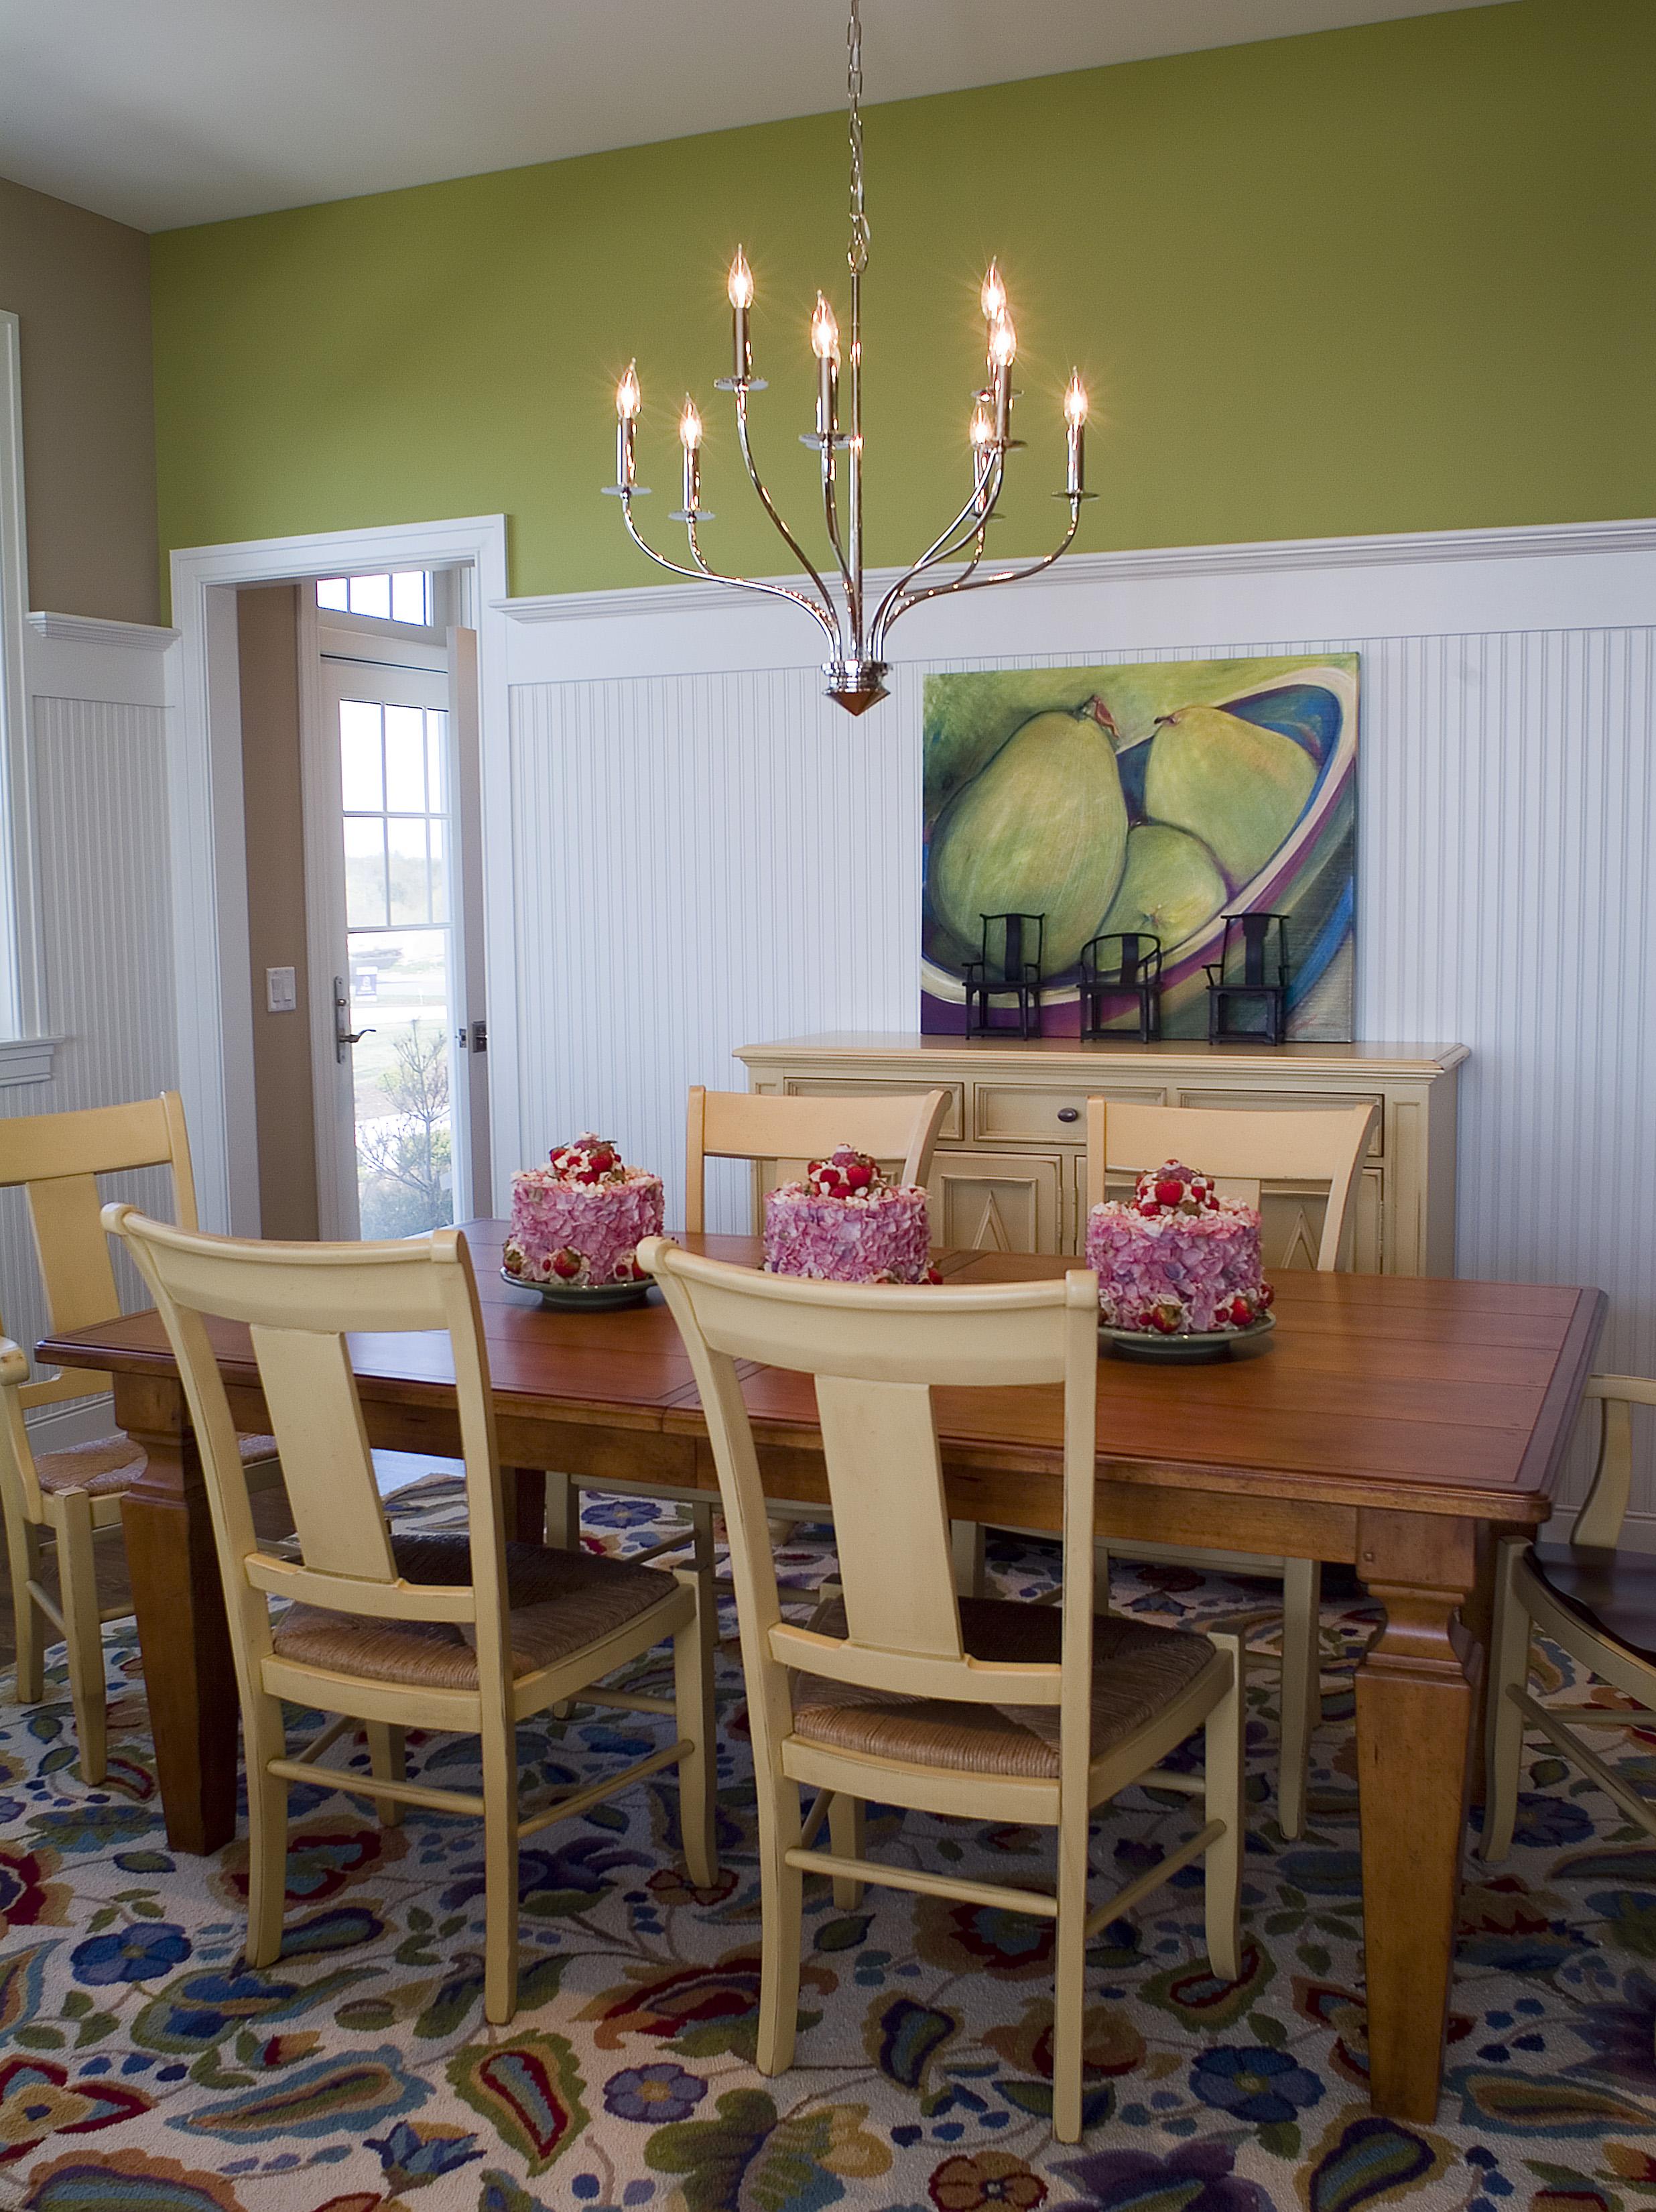 05_diningroom2_1.jpg